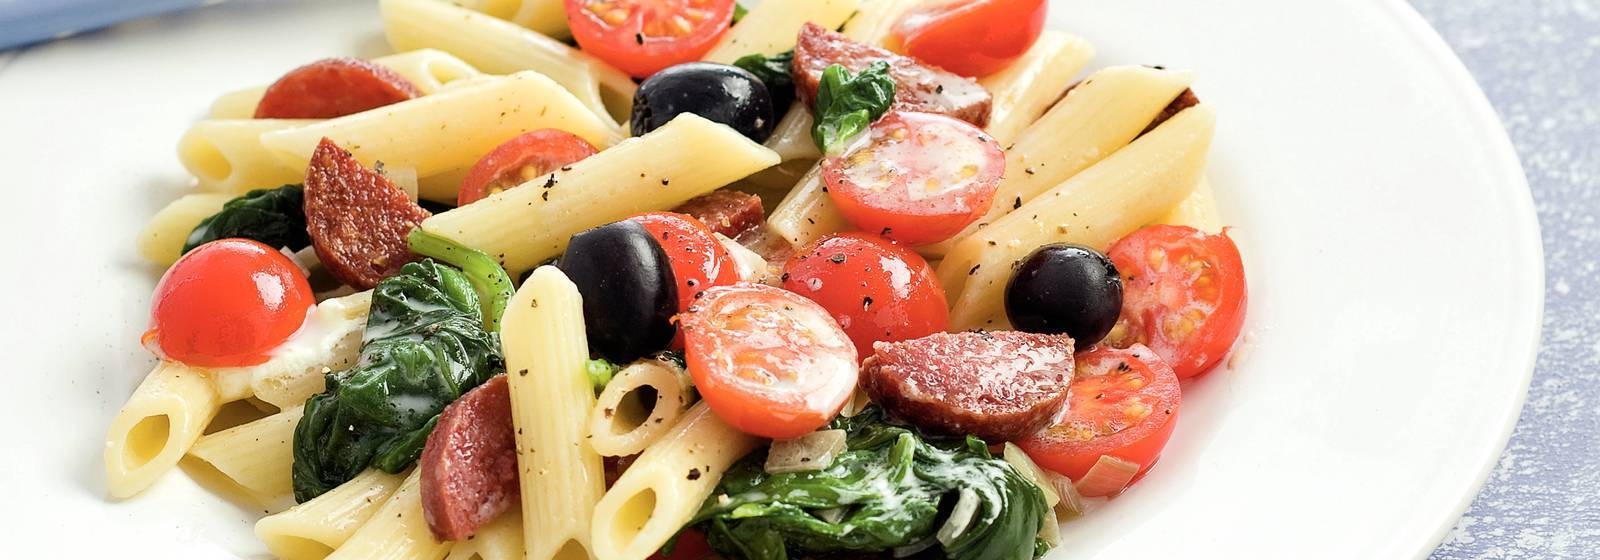 Salam, kiraz domates ve ıspanaklı penne